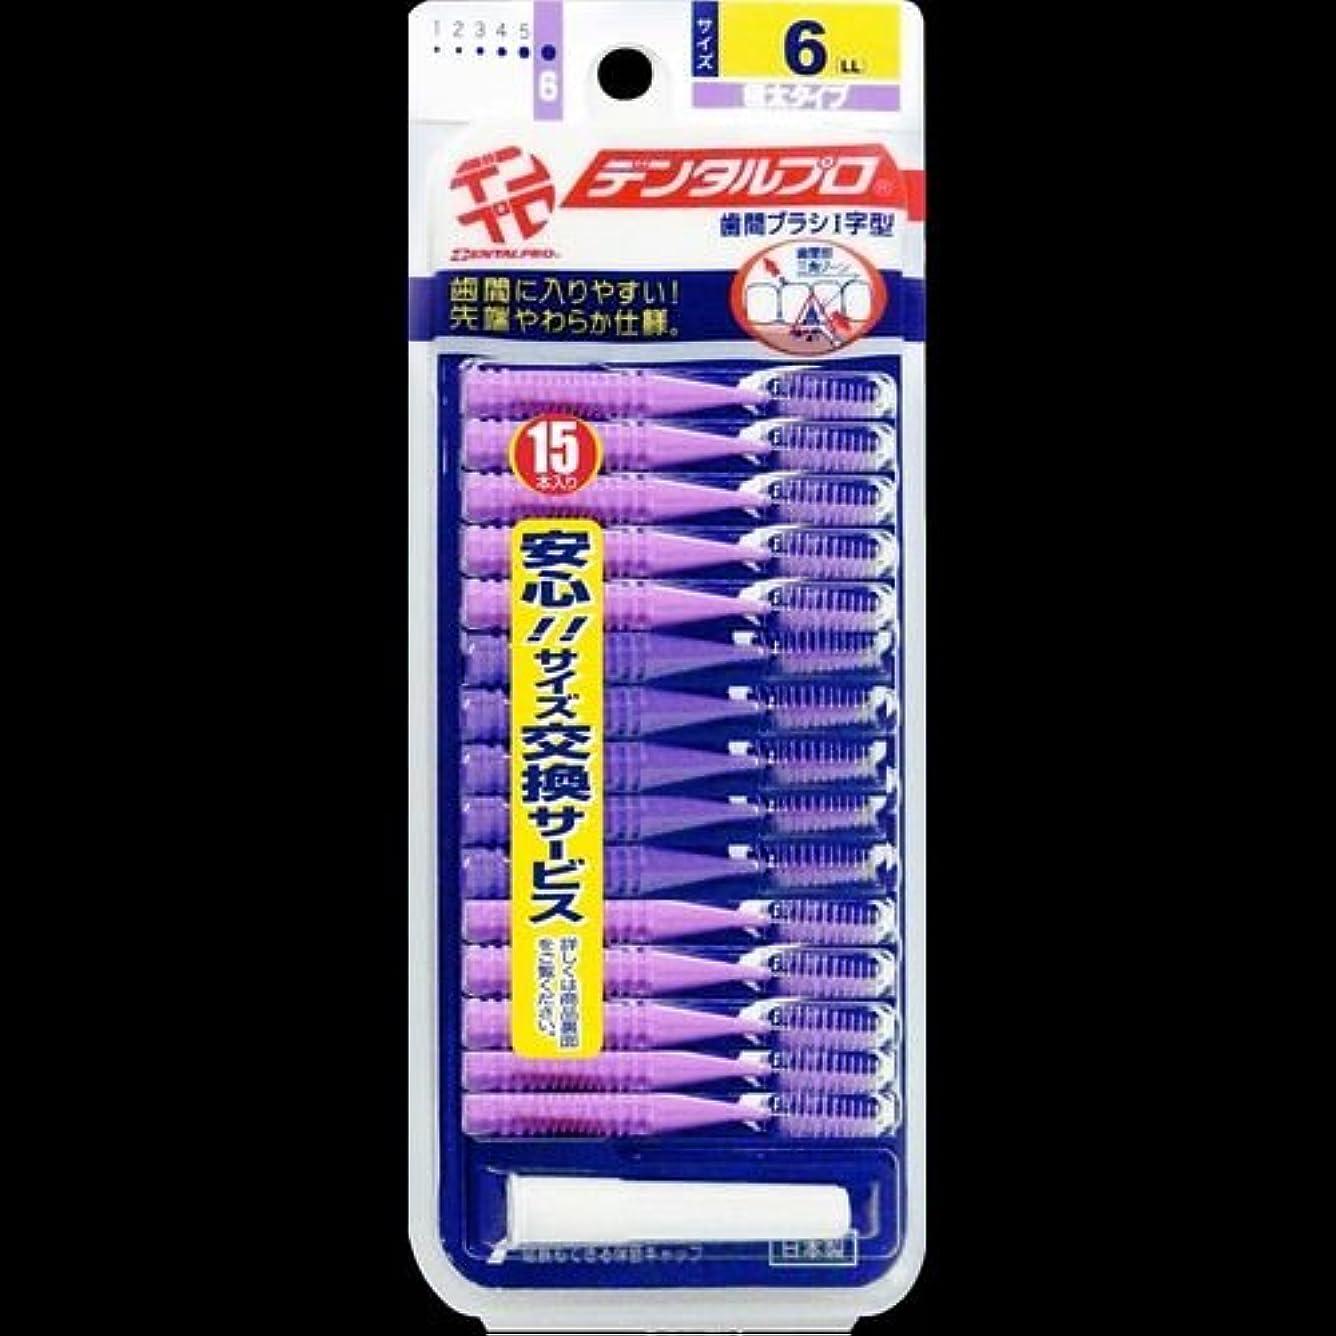 群集器官主権者デンタルプロ 歯間ブラシ 15本入 サイズ6(LL) ×2セット